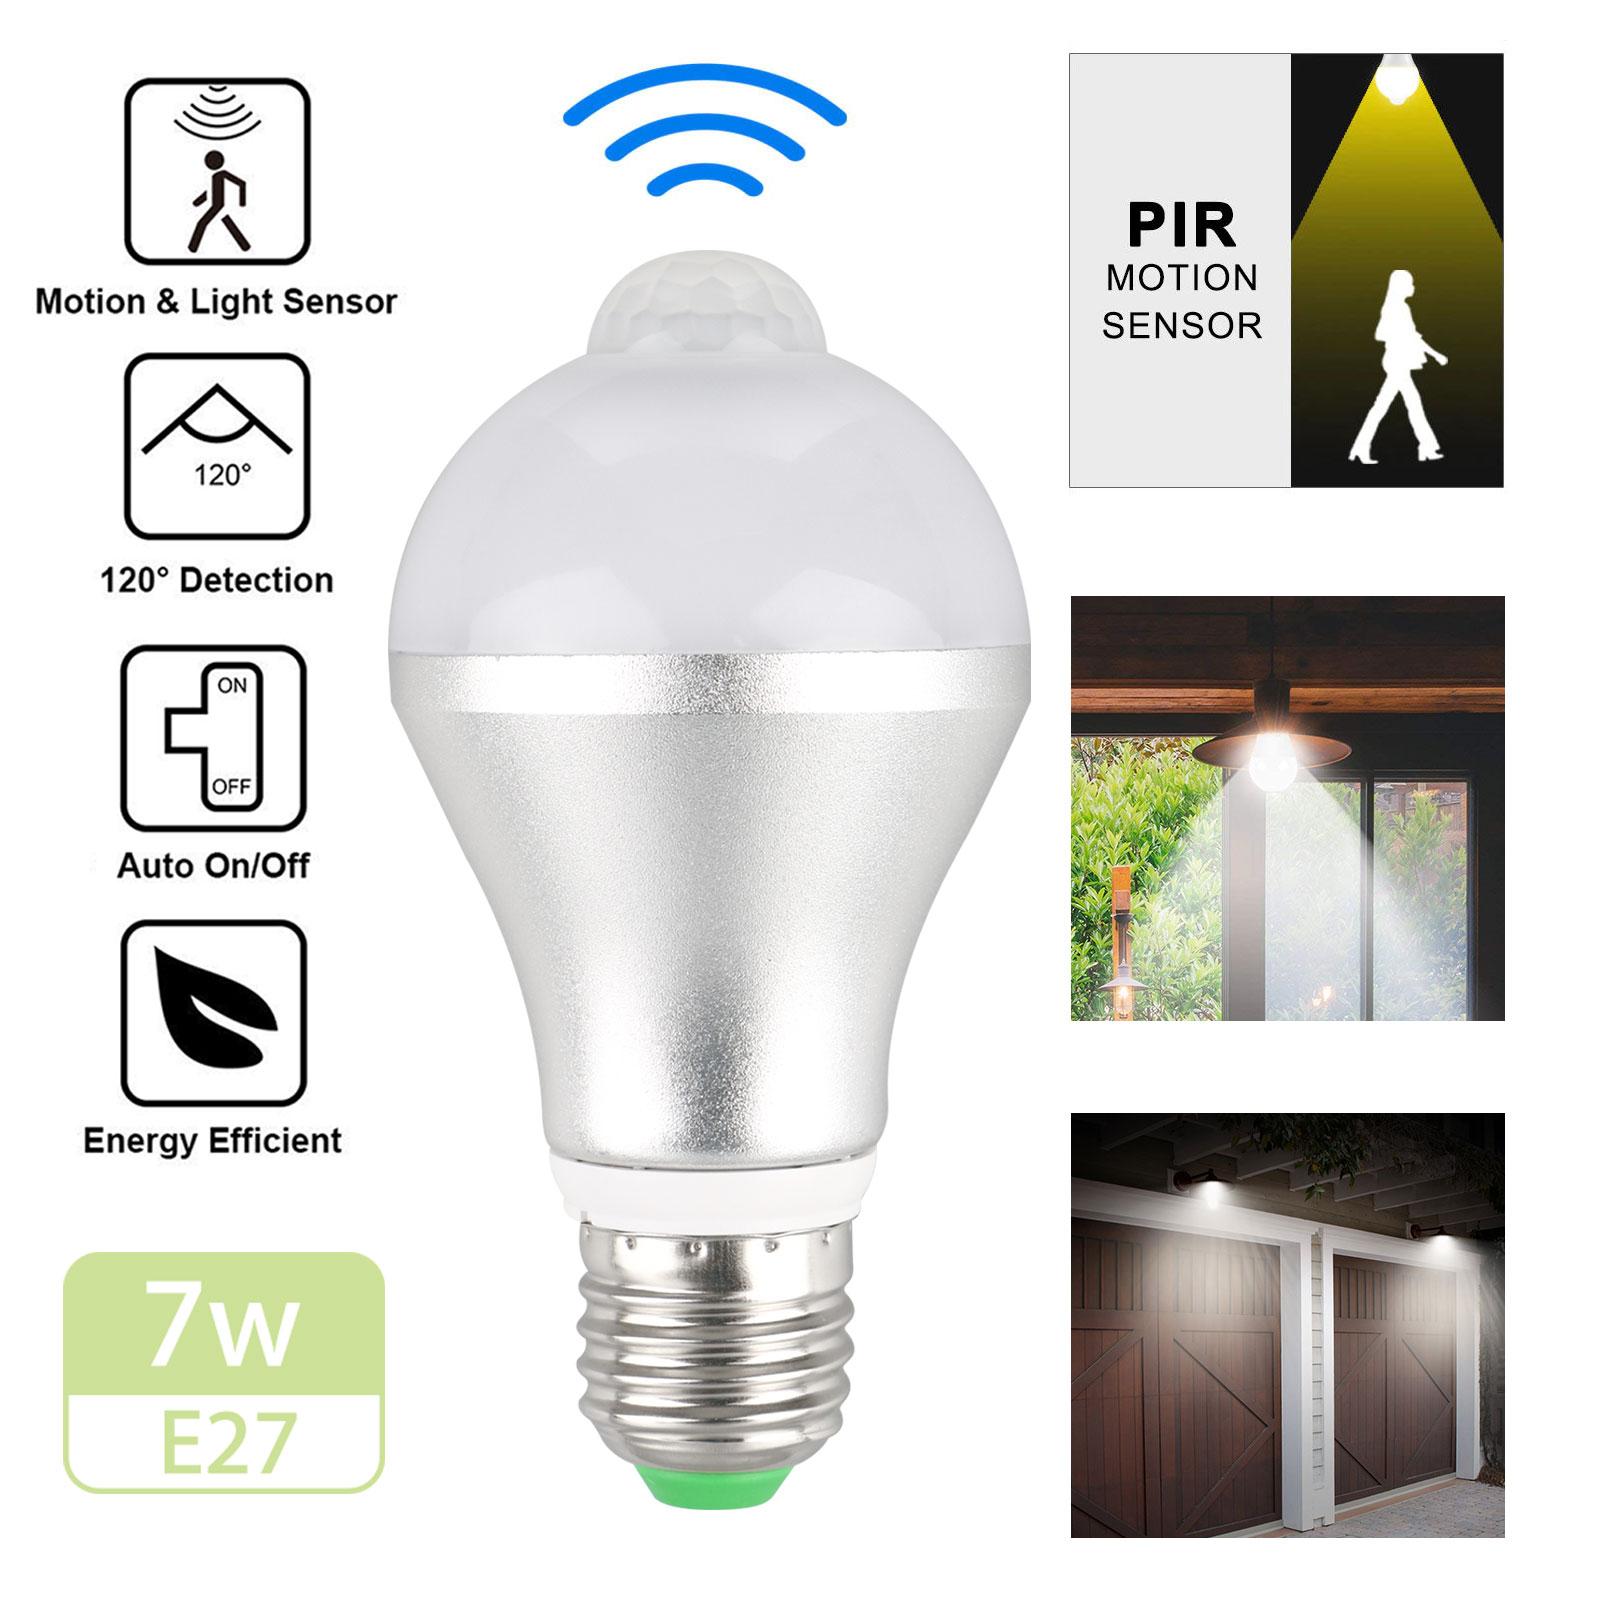 Light Bulbs Lamps Lighting Ceiling Fans E27 Led Motion Sensor Bulb 5w 7w Dusk To Dawn Light Sensor Lamp Indoor Outdoor Lamp Light Bulbs